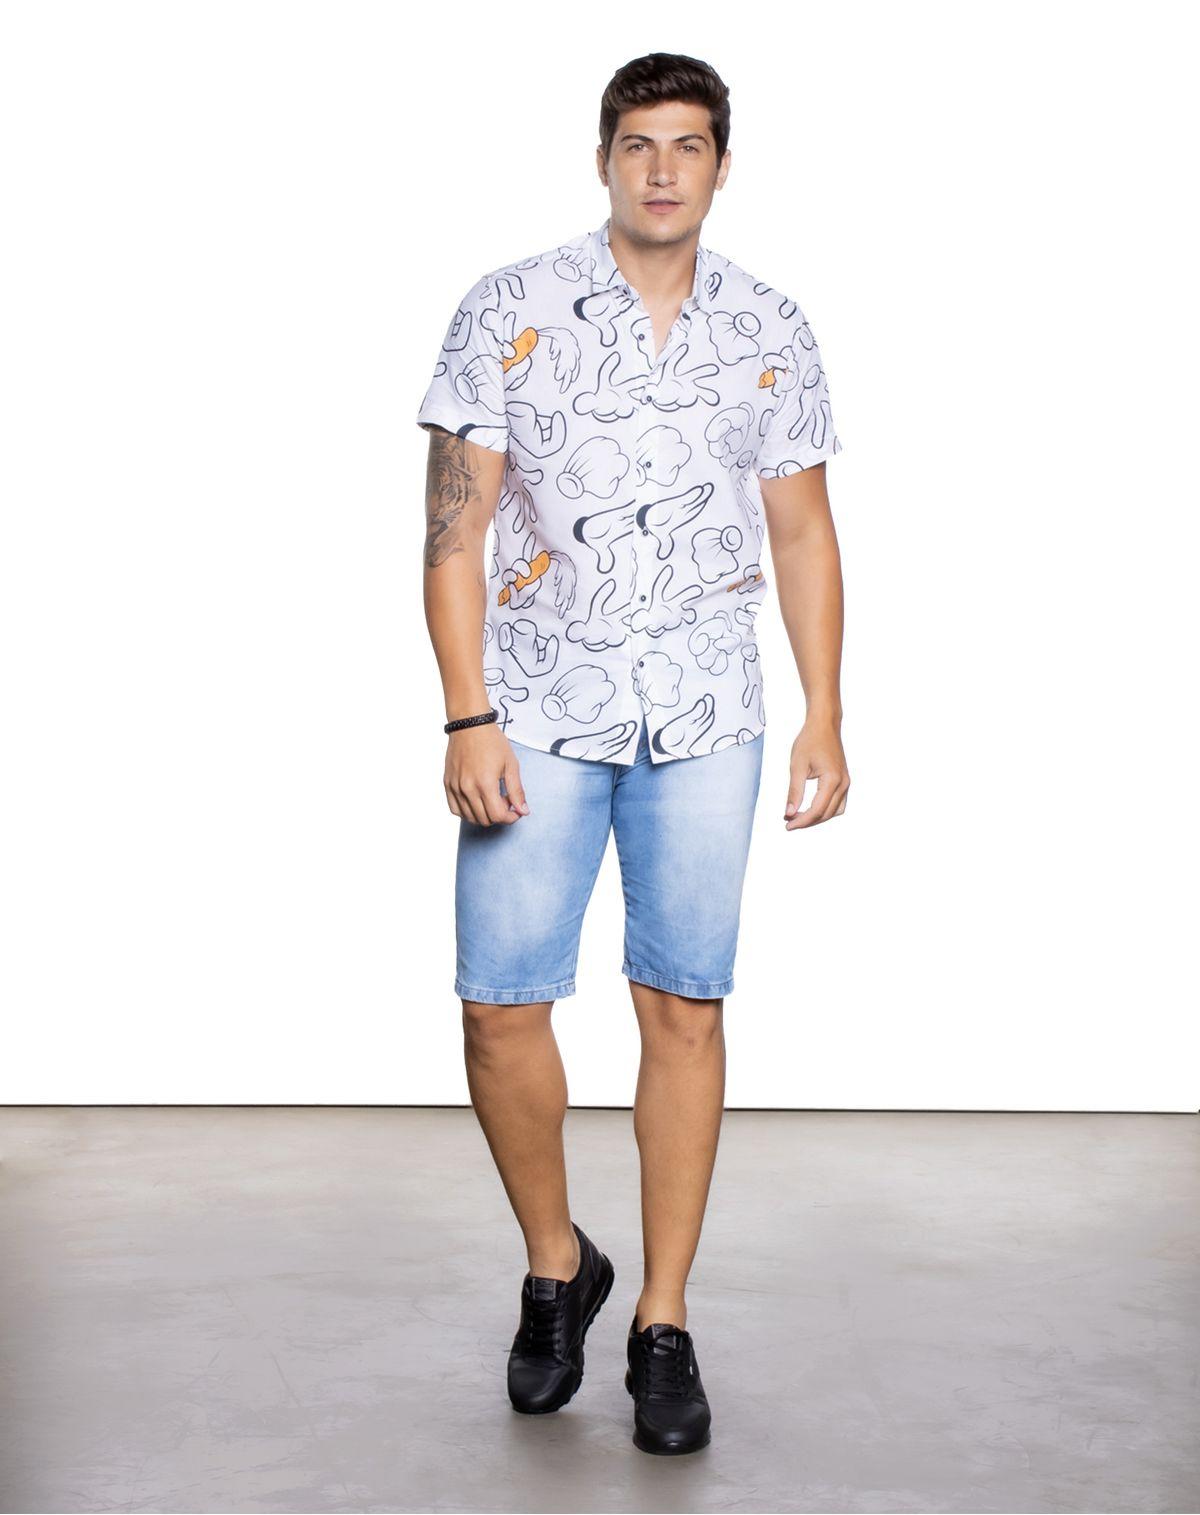 570739005-bermuda-jeans-masculina-jeans-48-d50